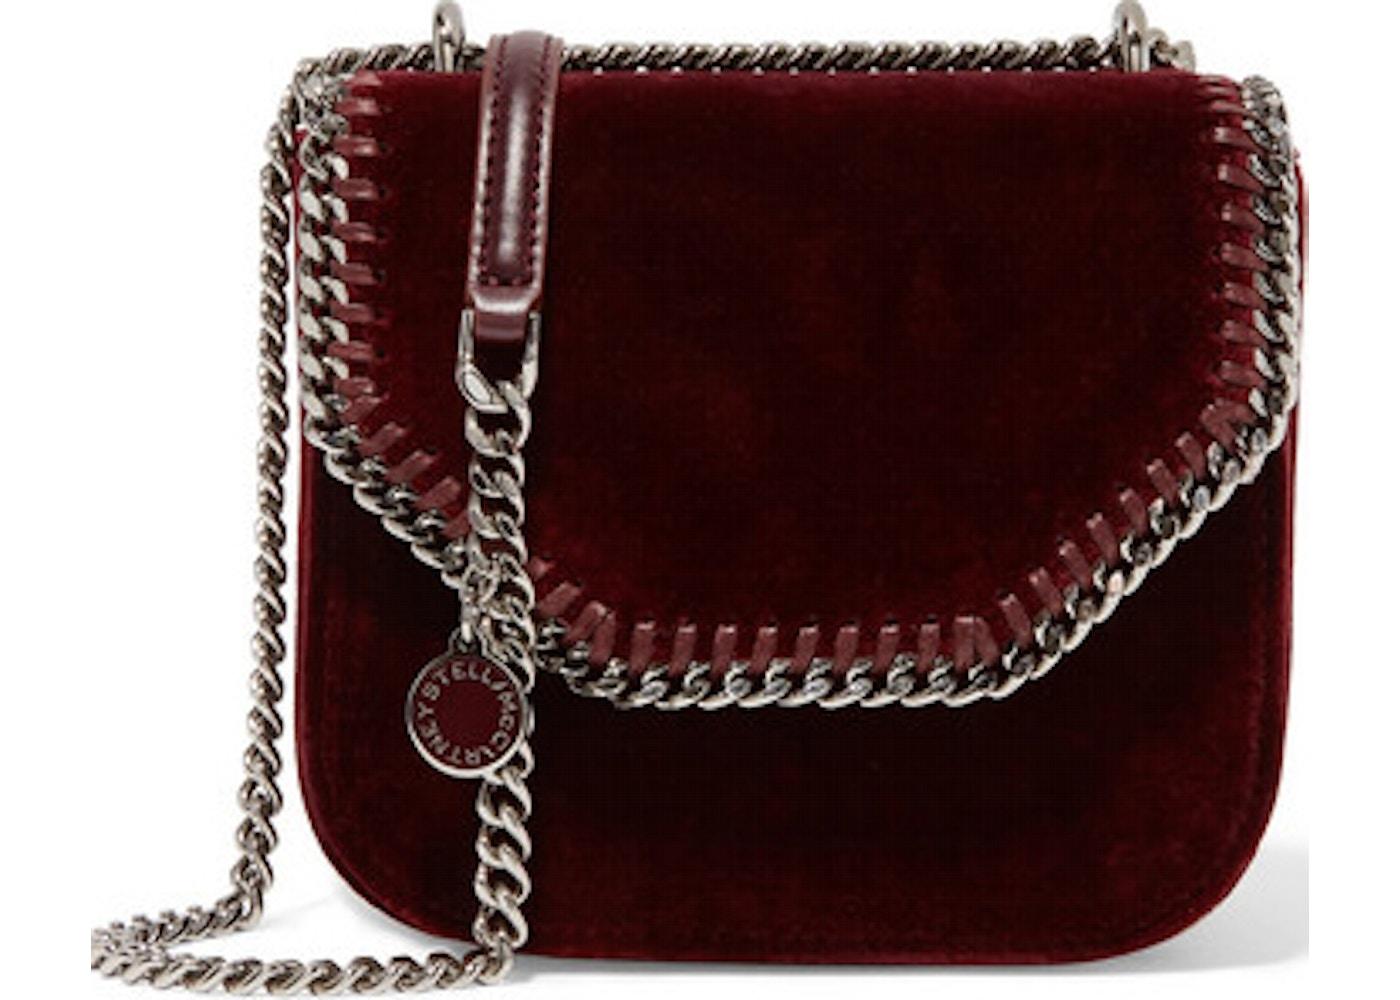 925dd57821 Stella McCartney Shoulder Bag Falabella Box Mini Burgundy. Box Mini Burgundy